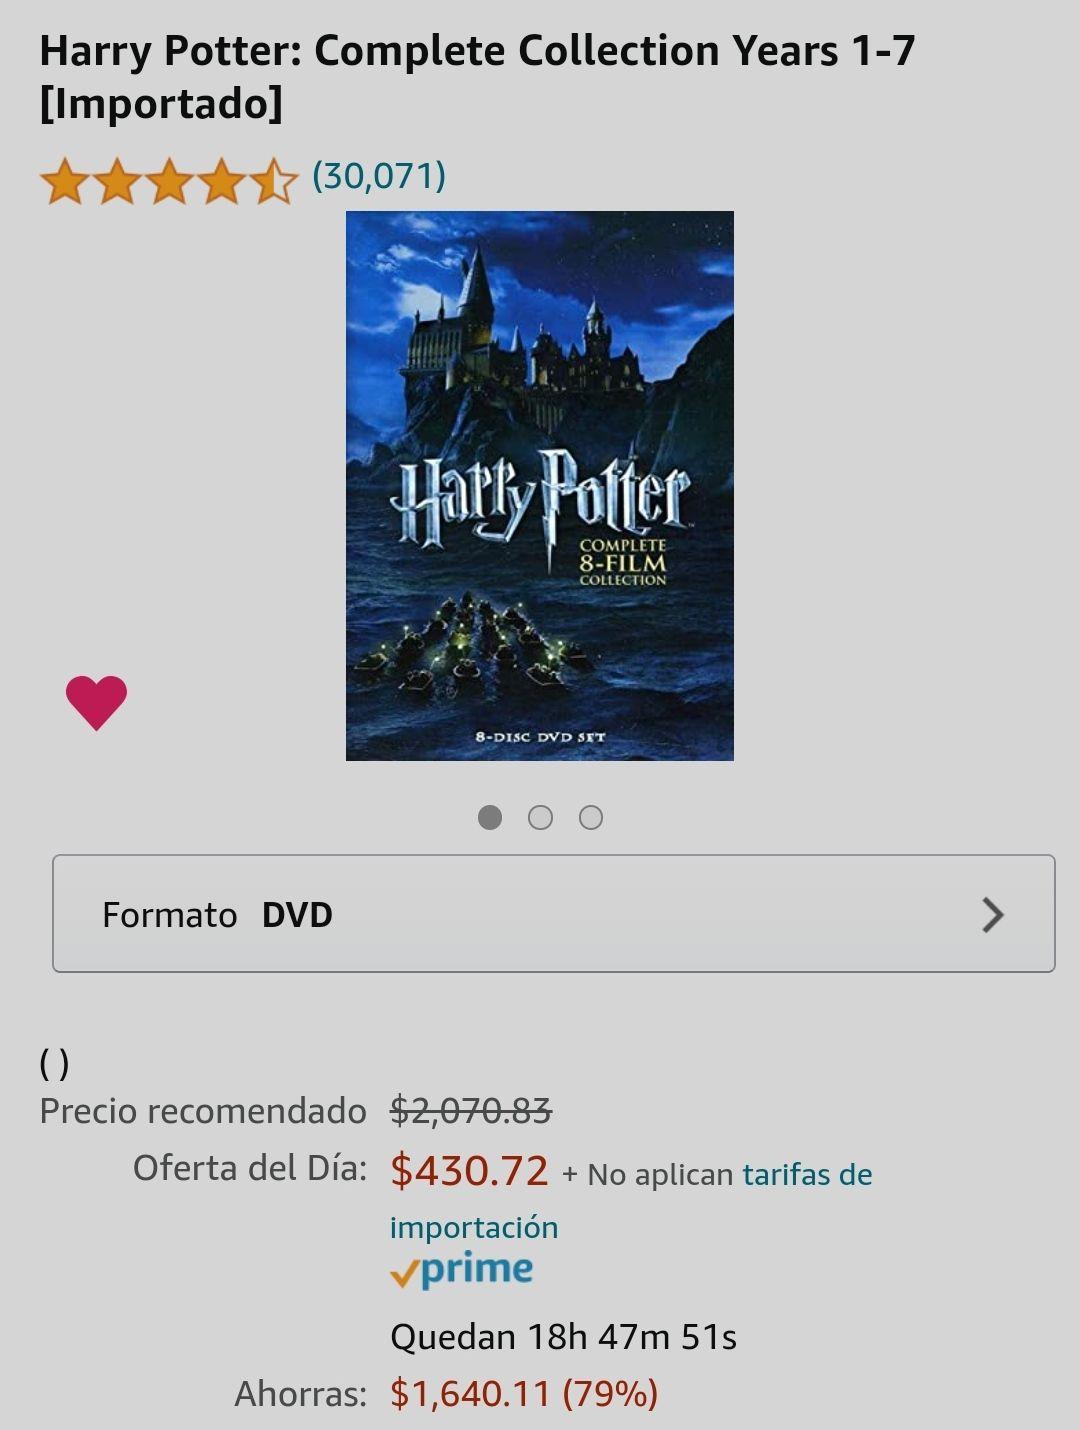 Amazon: Harry Potter Colección Completa Años 1-7 [Importado] DVD